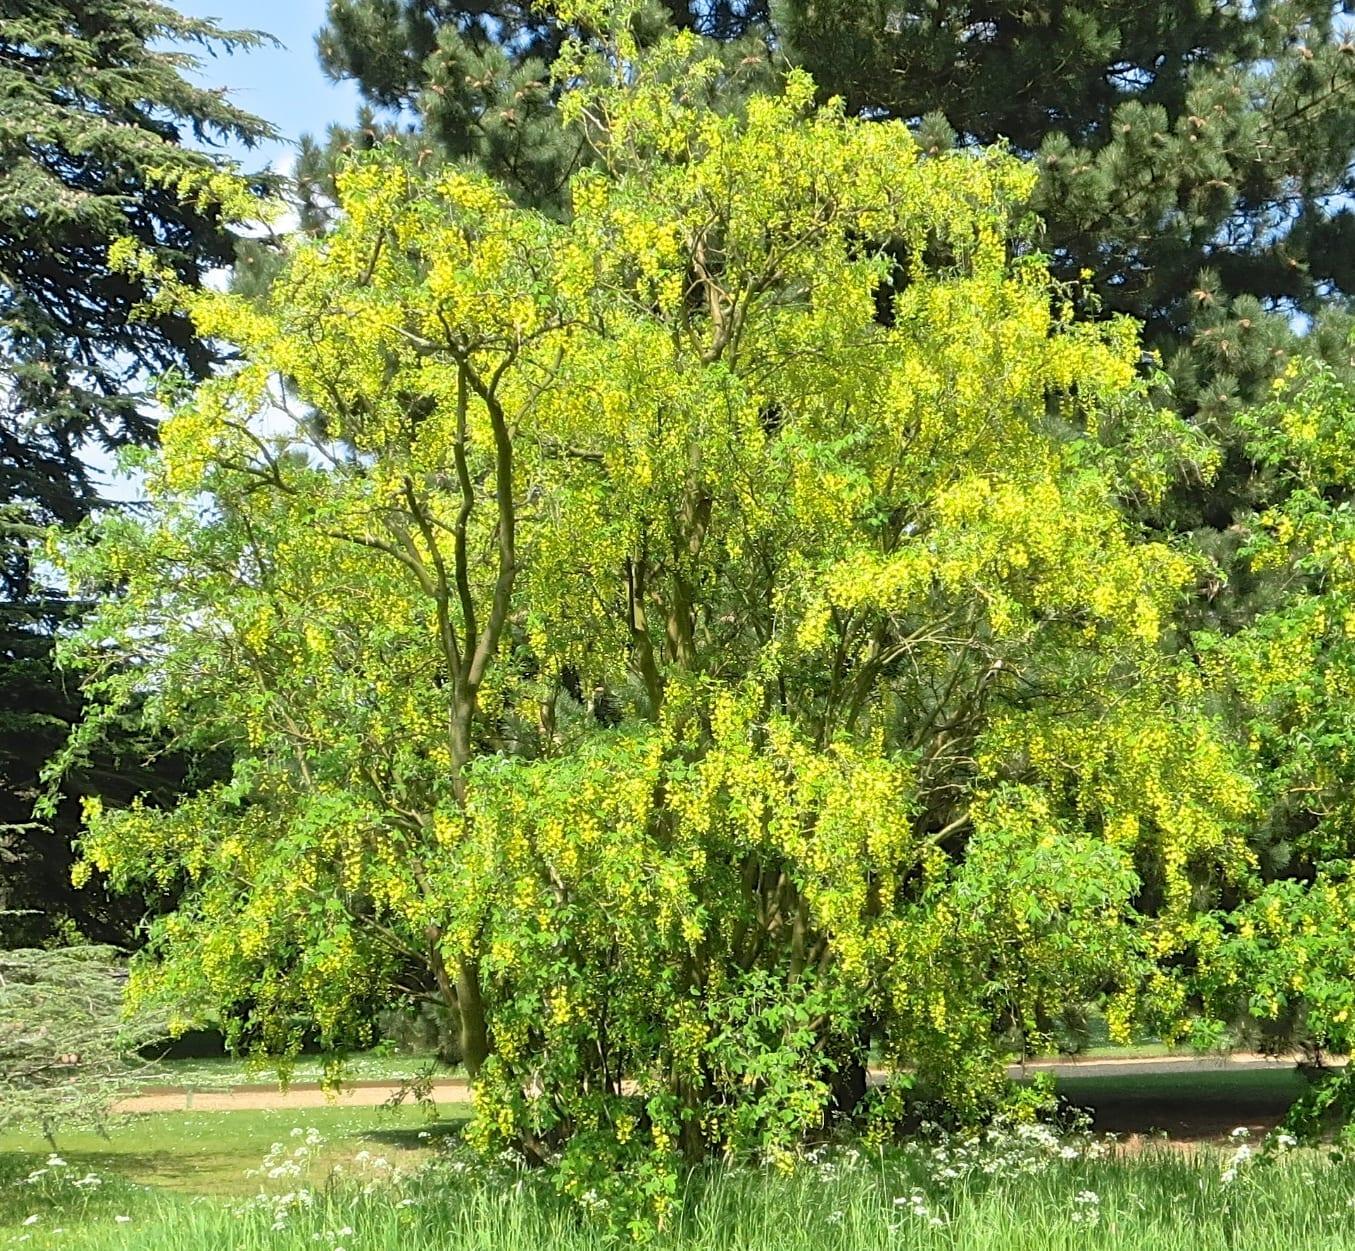 laburnum tree in April